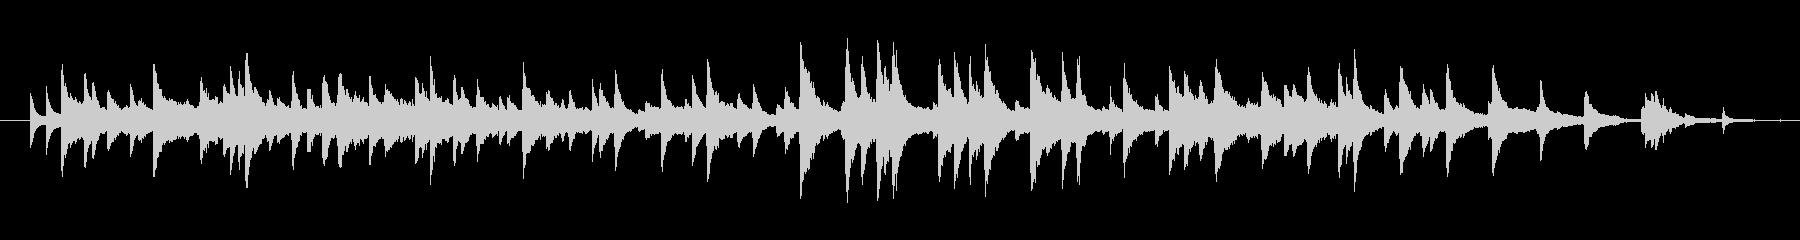 軽やかな美しいピアノ音楽の未再生の波形